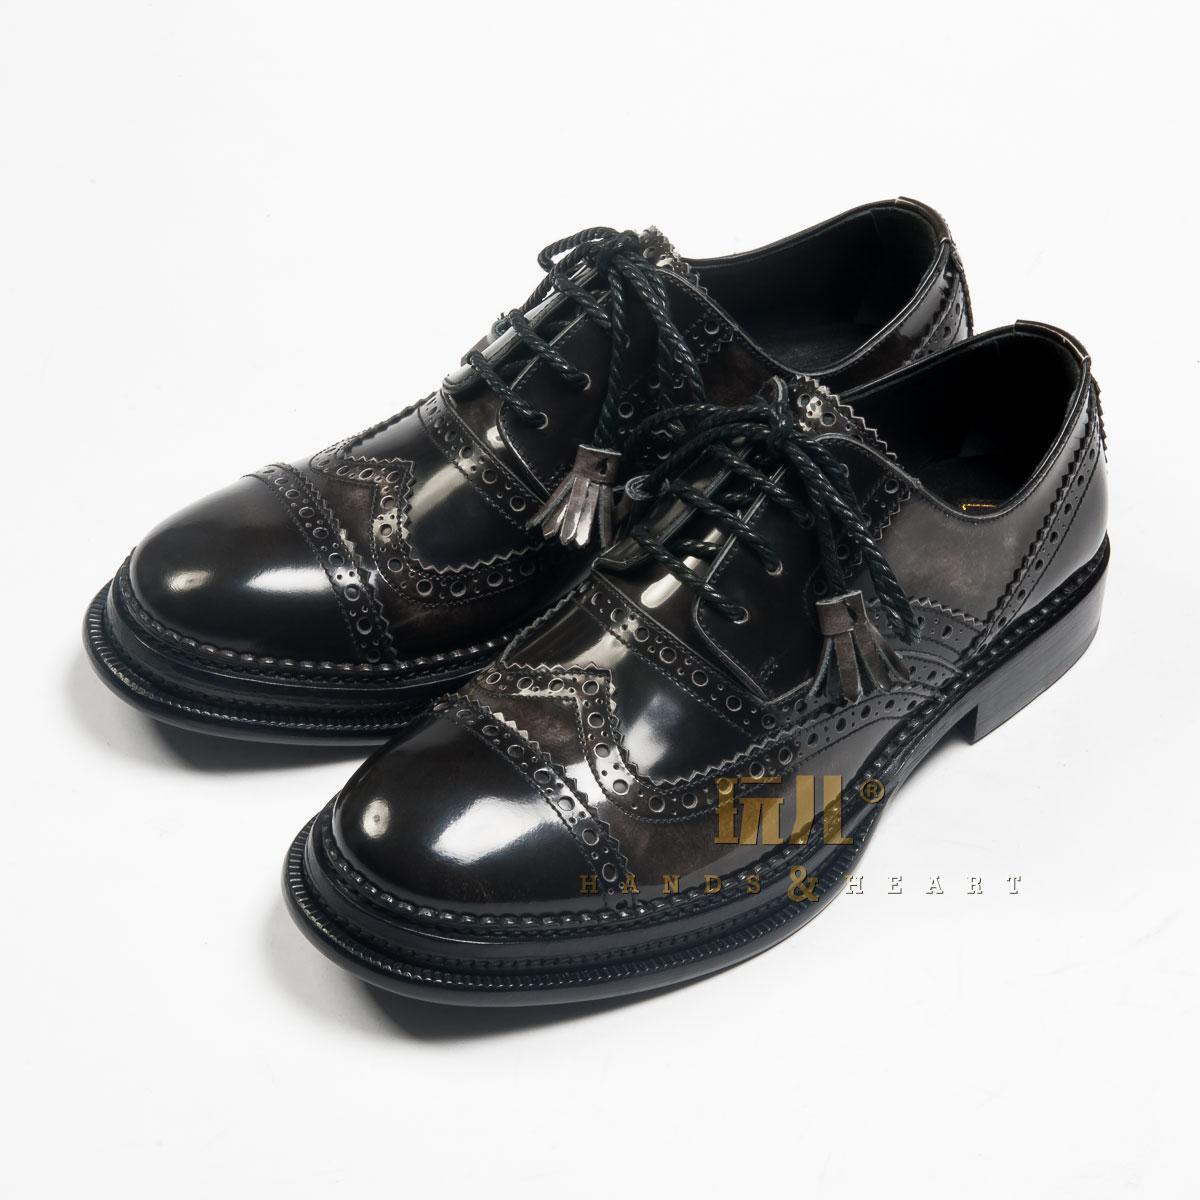 玩儿!高端手工定制 英伦布洛克款式雕花系带流苏男真皮皮鞋